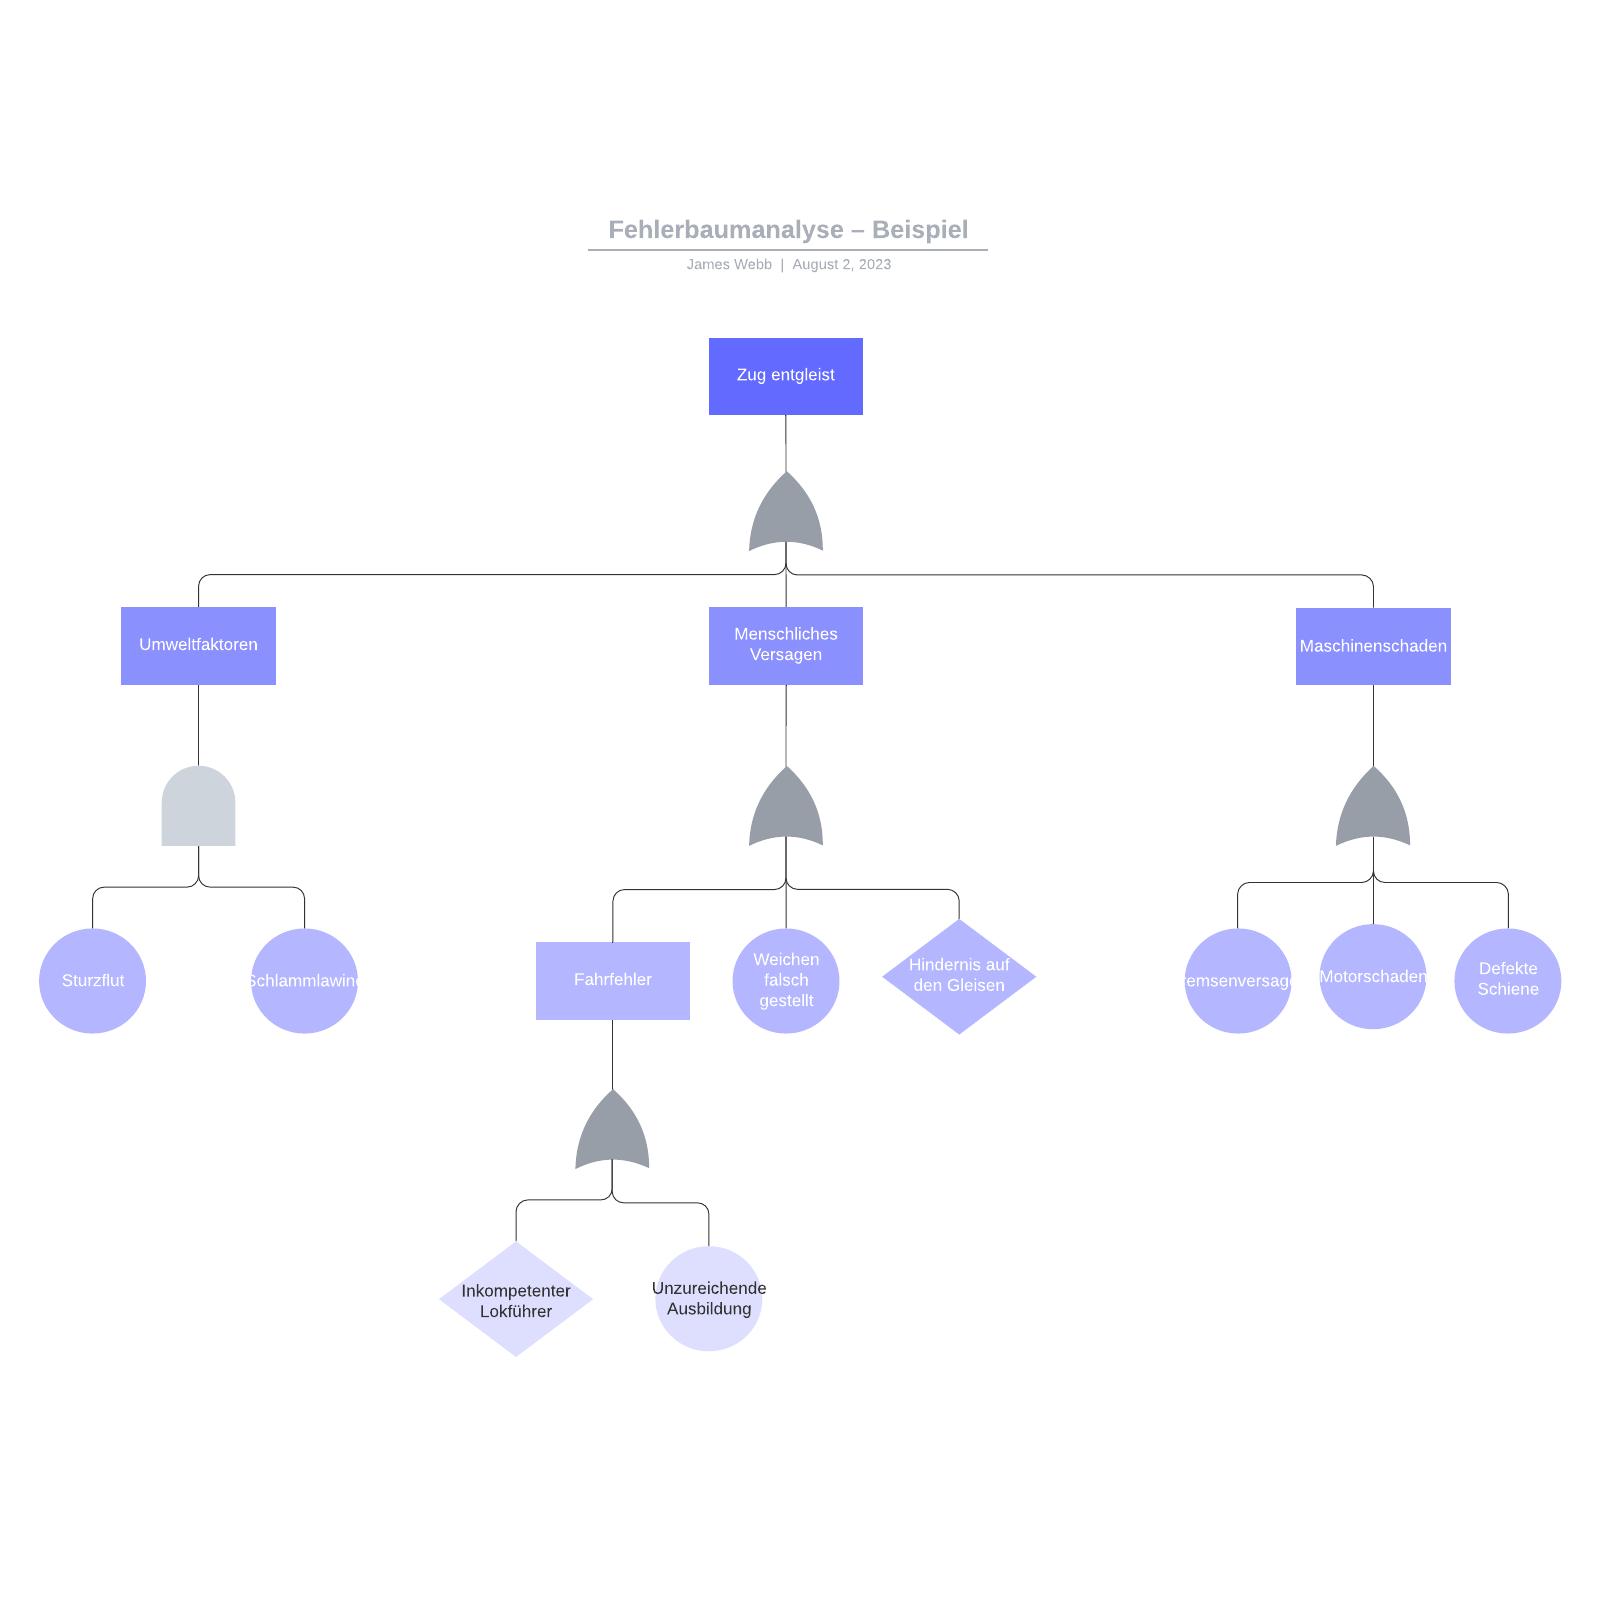 Fehlerbaumanalyse – Beispiel